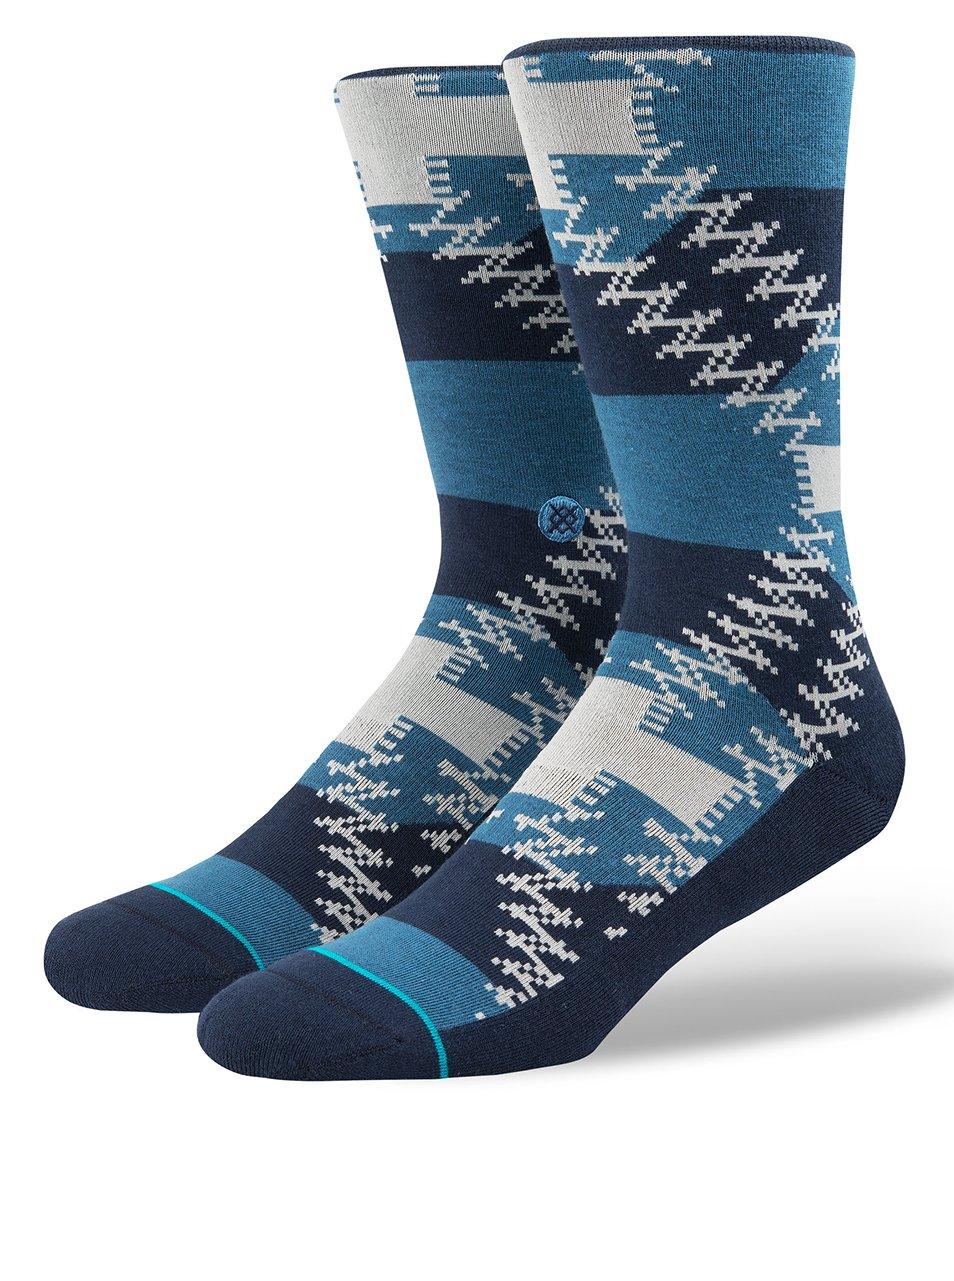 Modré pánské vzorované ponožky Stance Mustang